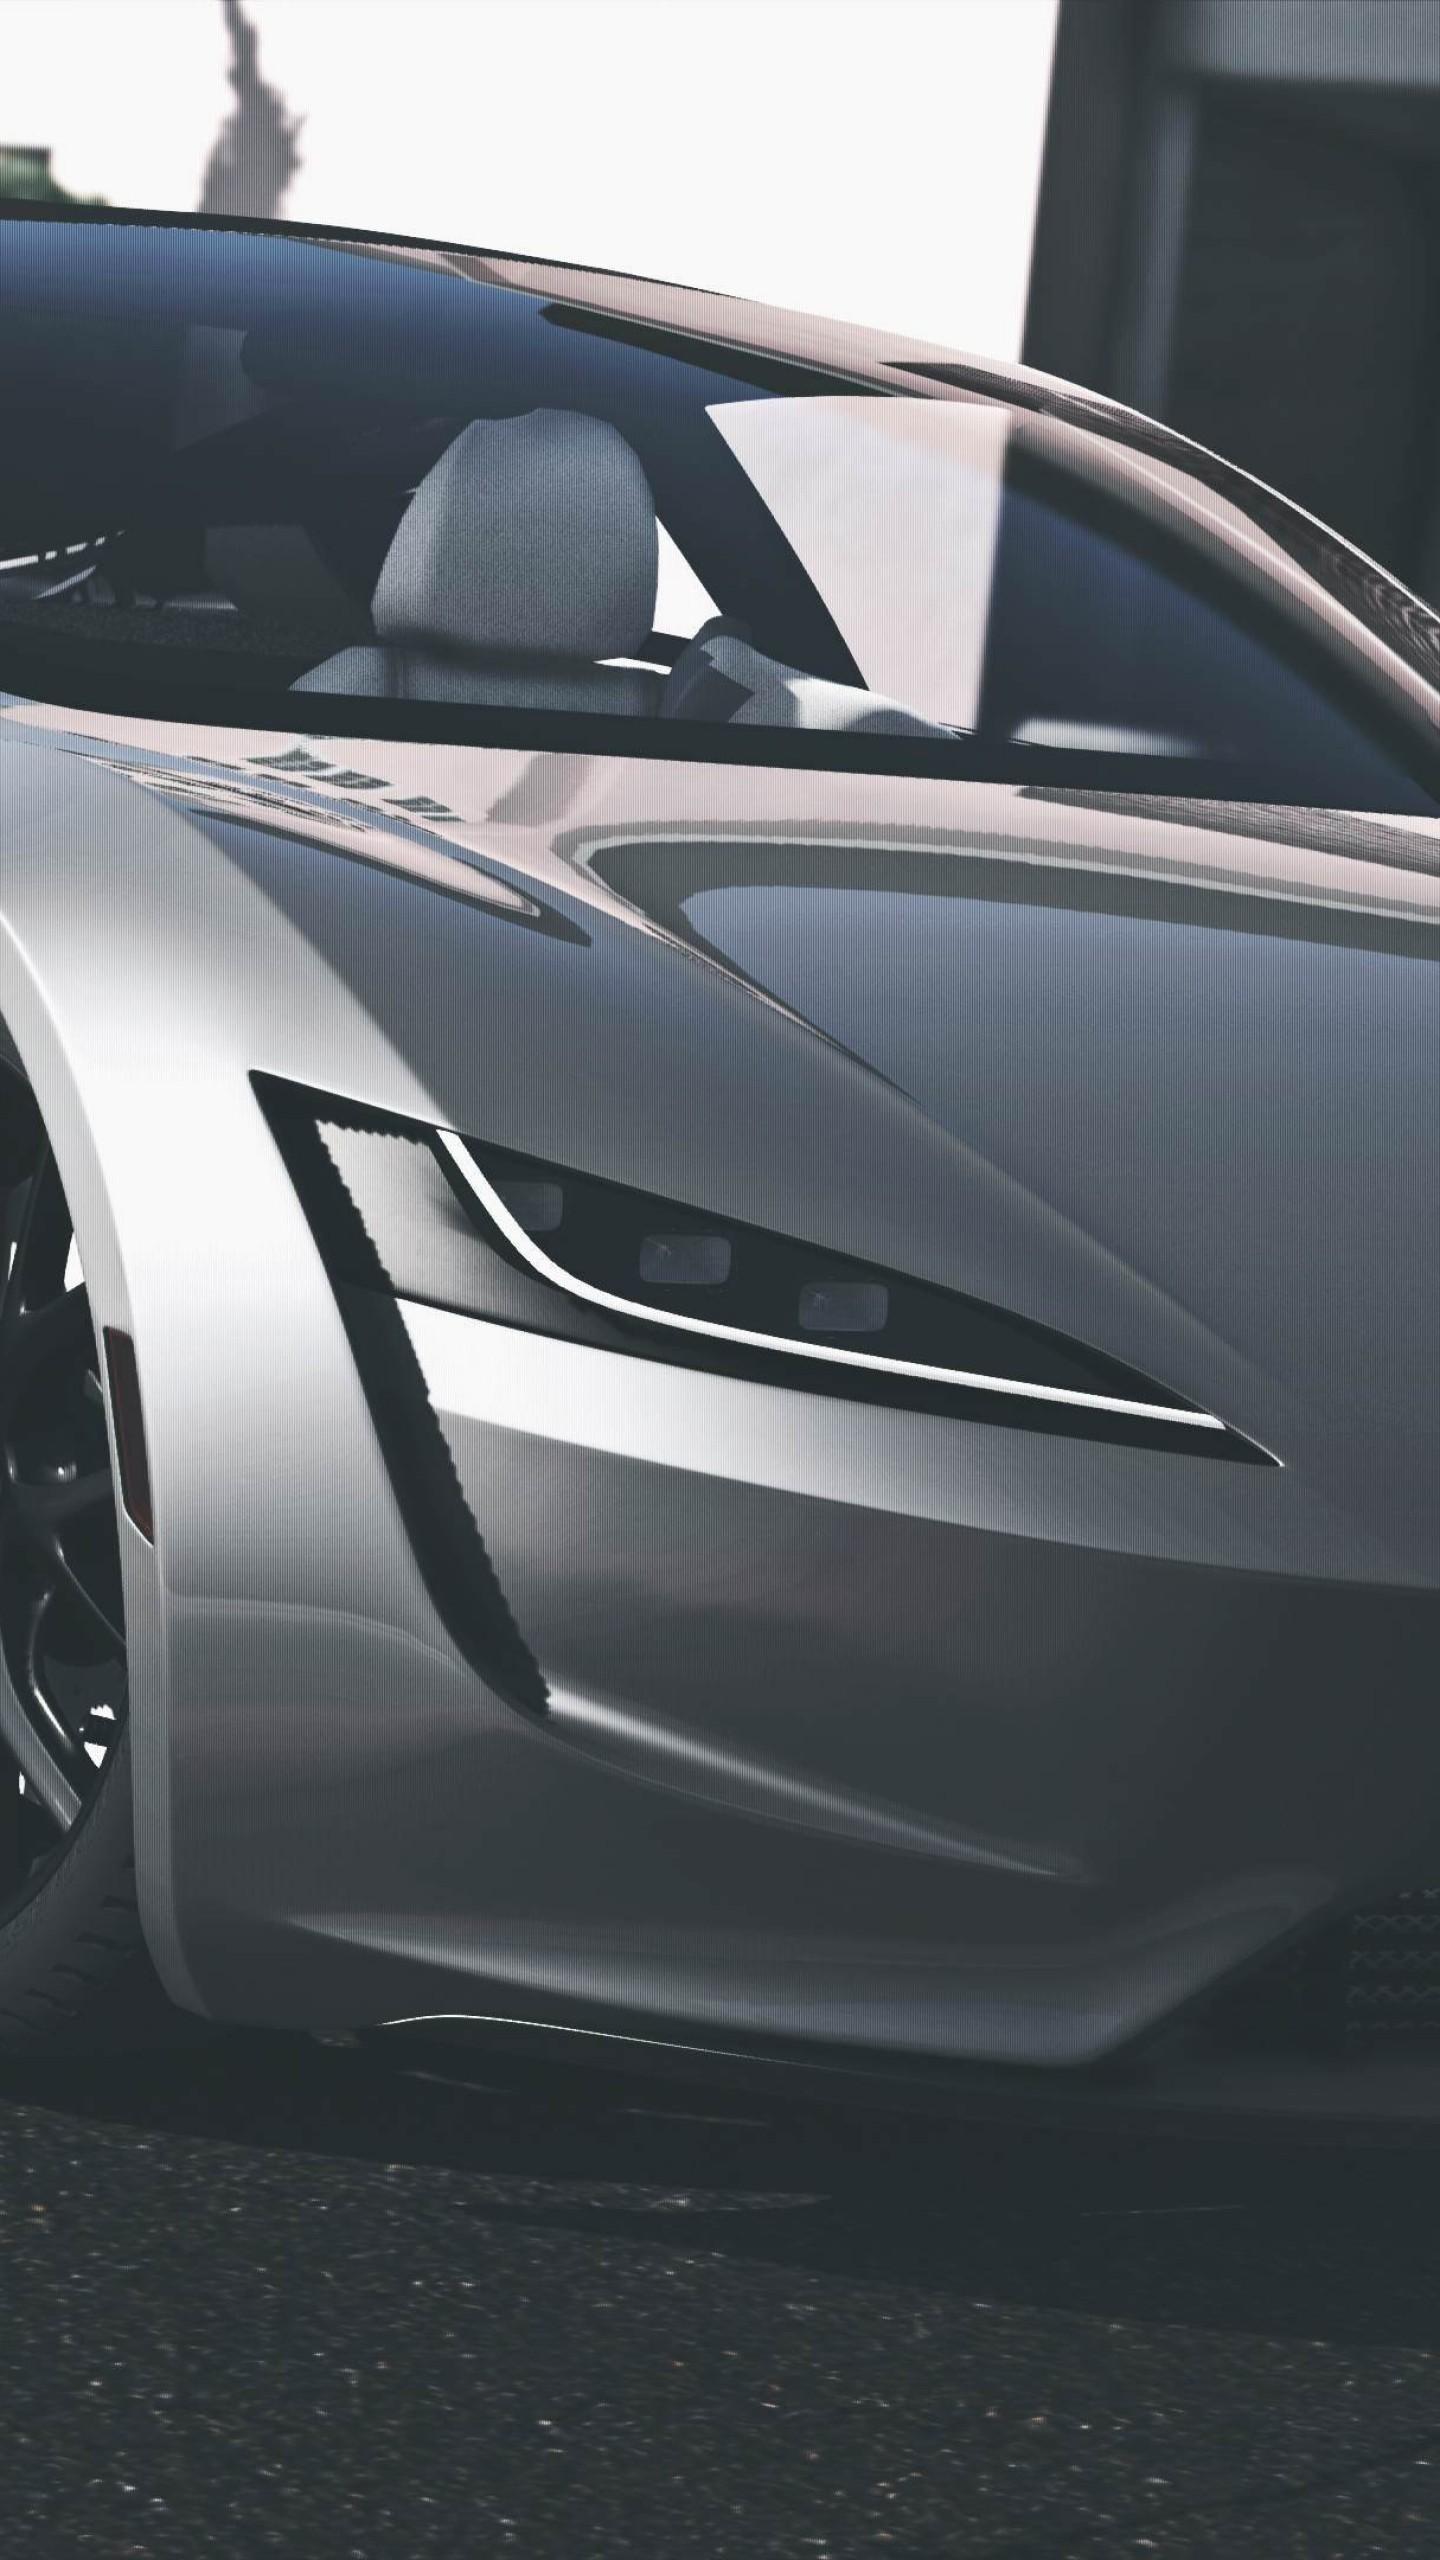 Wallpaper Tesla Roadster  Gta 5  2020 Cars  Electric Car  4k  Games  18475